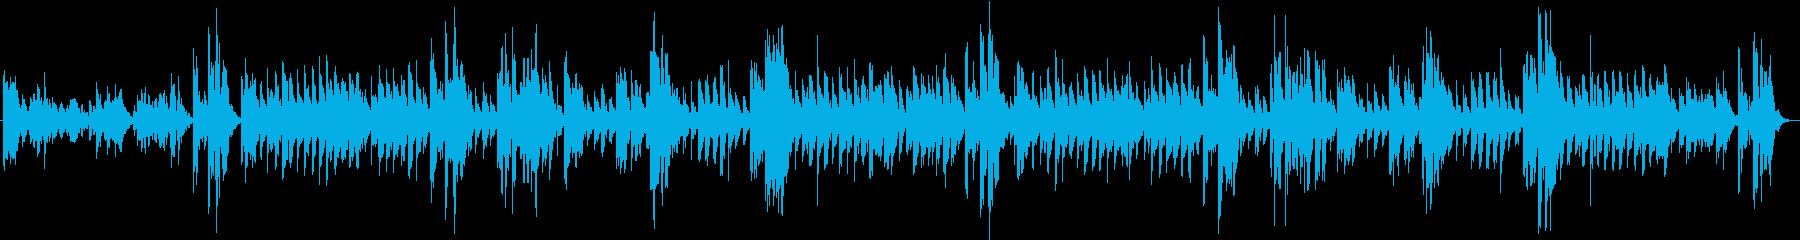 オルゴールの感動シーンの楽曲 劇伴の再生済みの波形